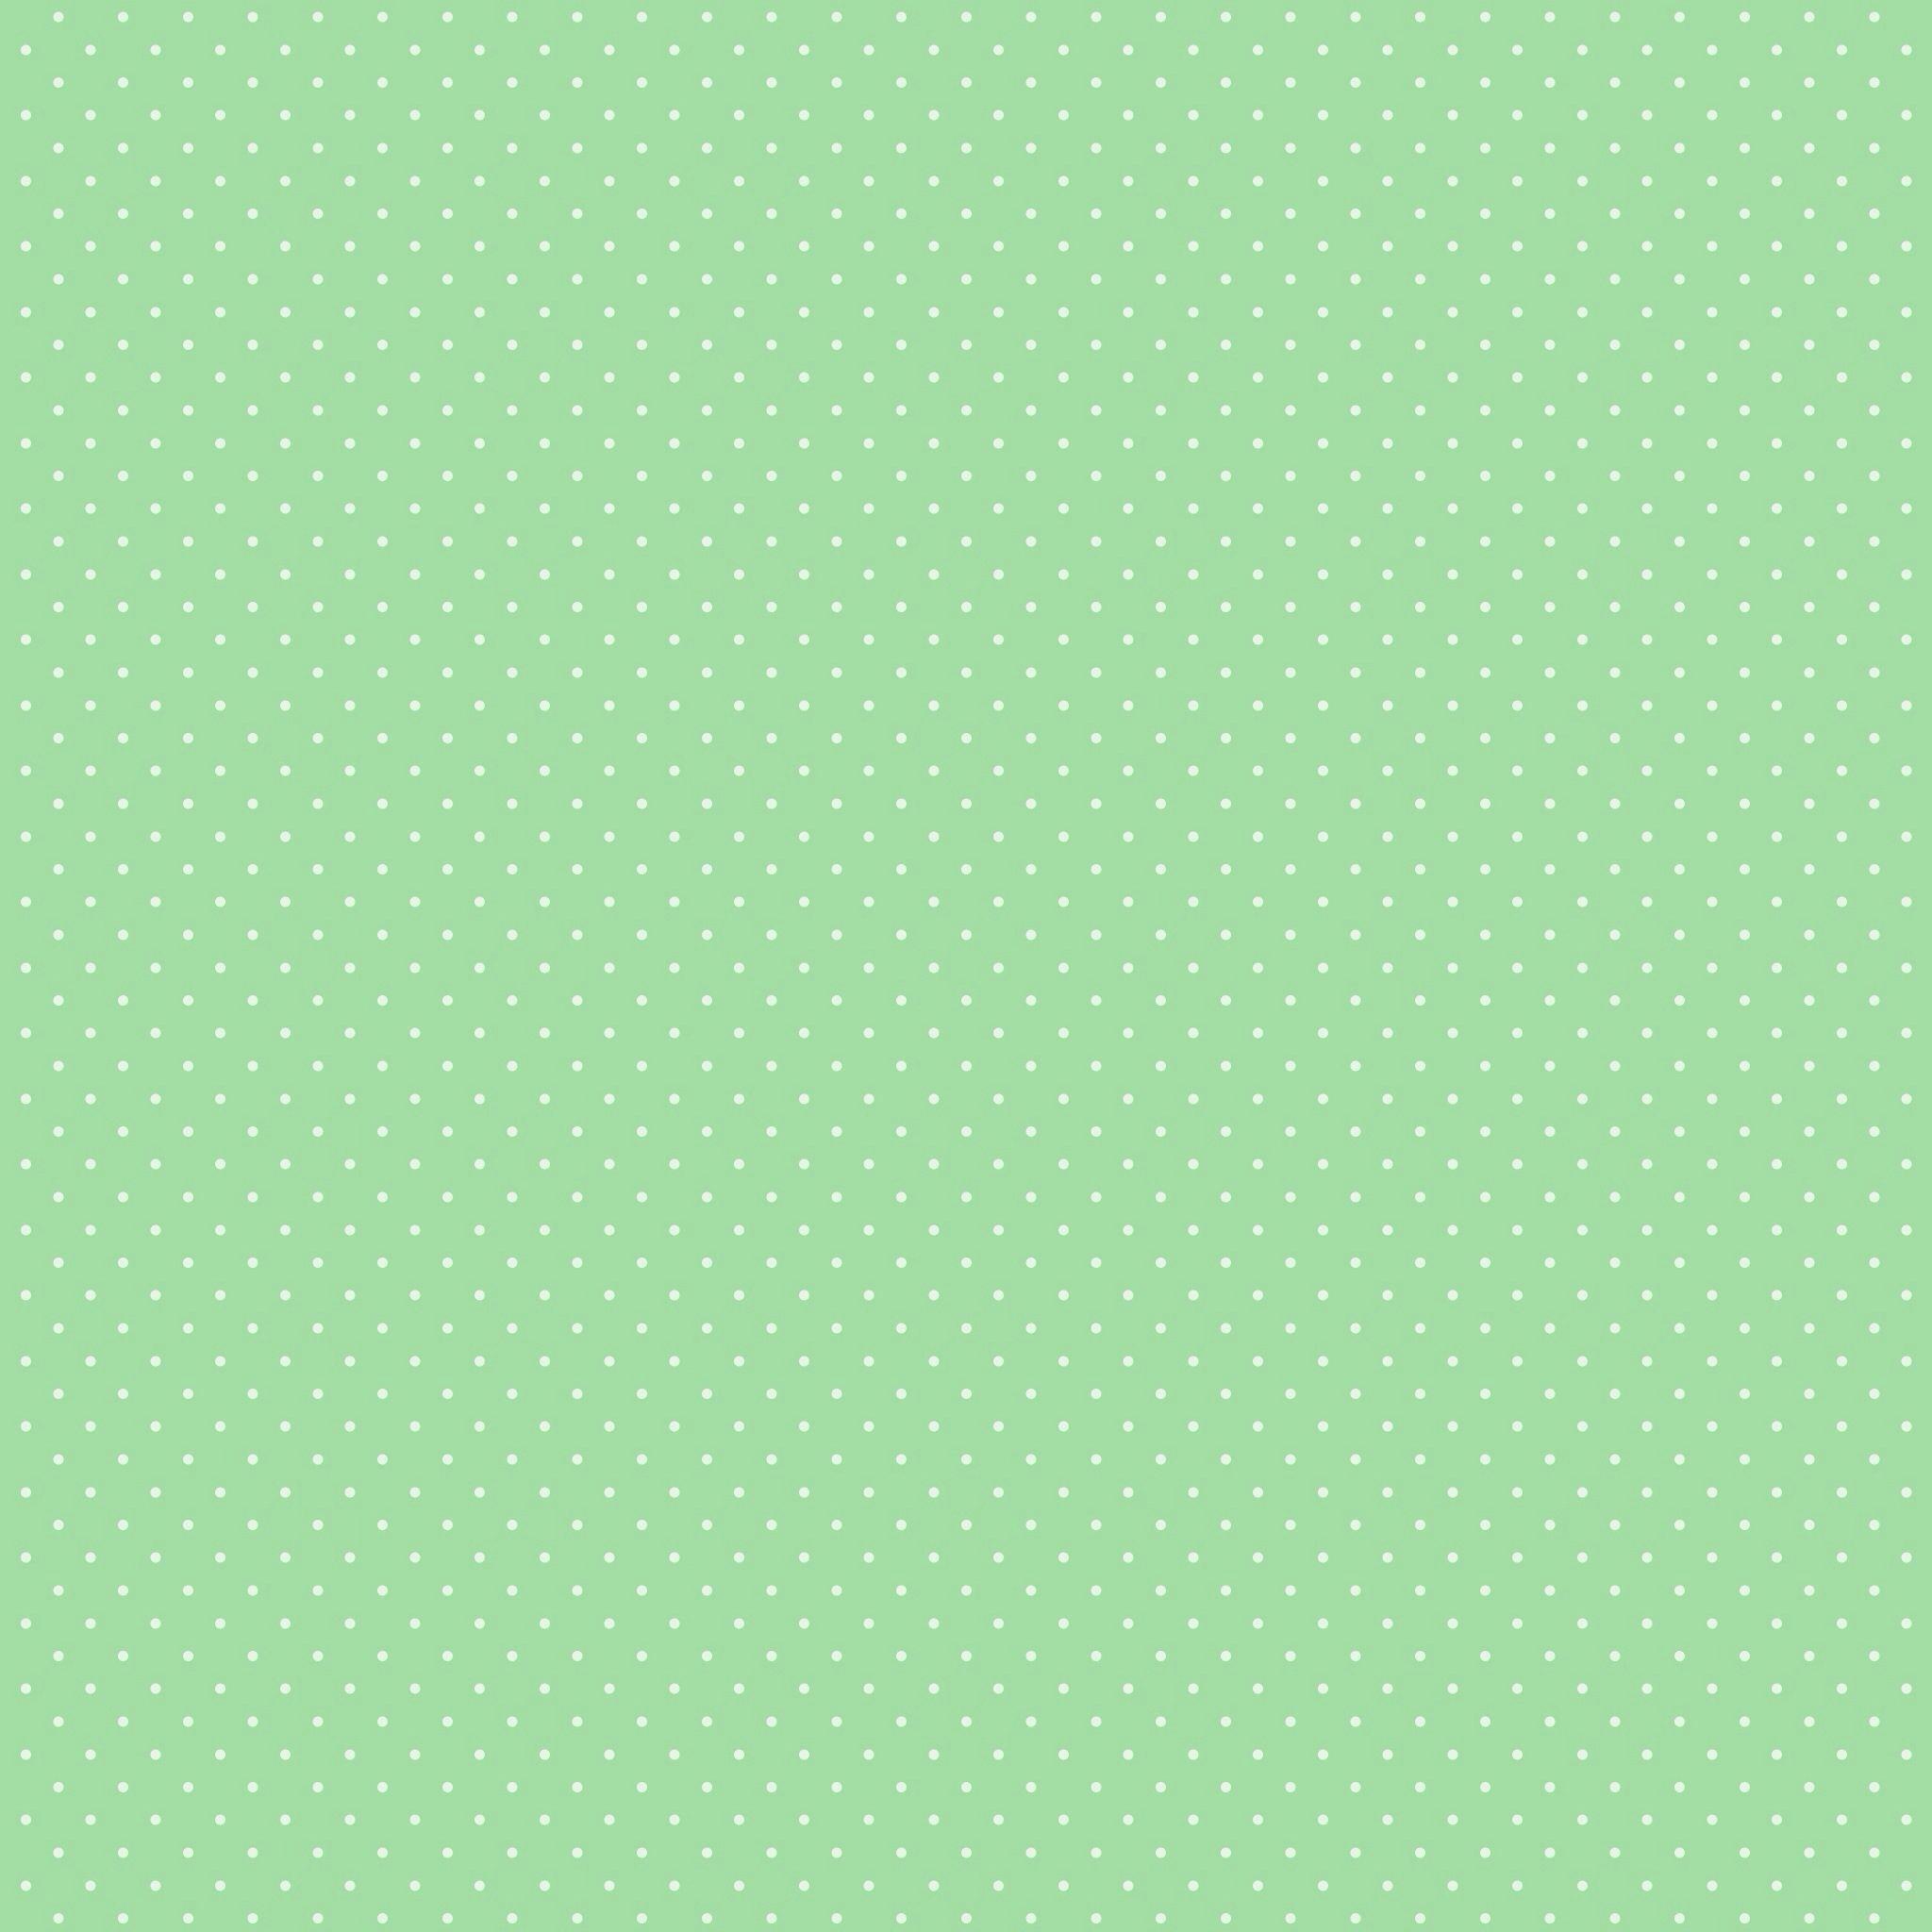 Fondo De Pantalla Verde Con Puntos